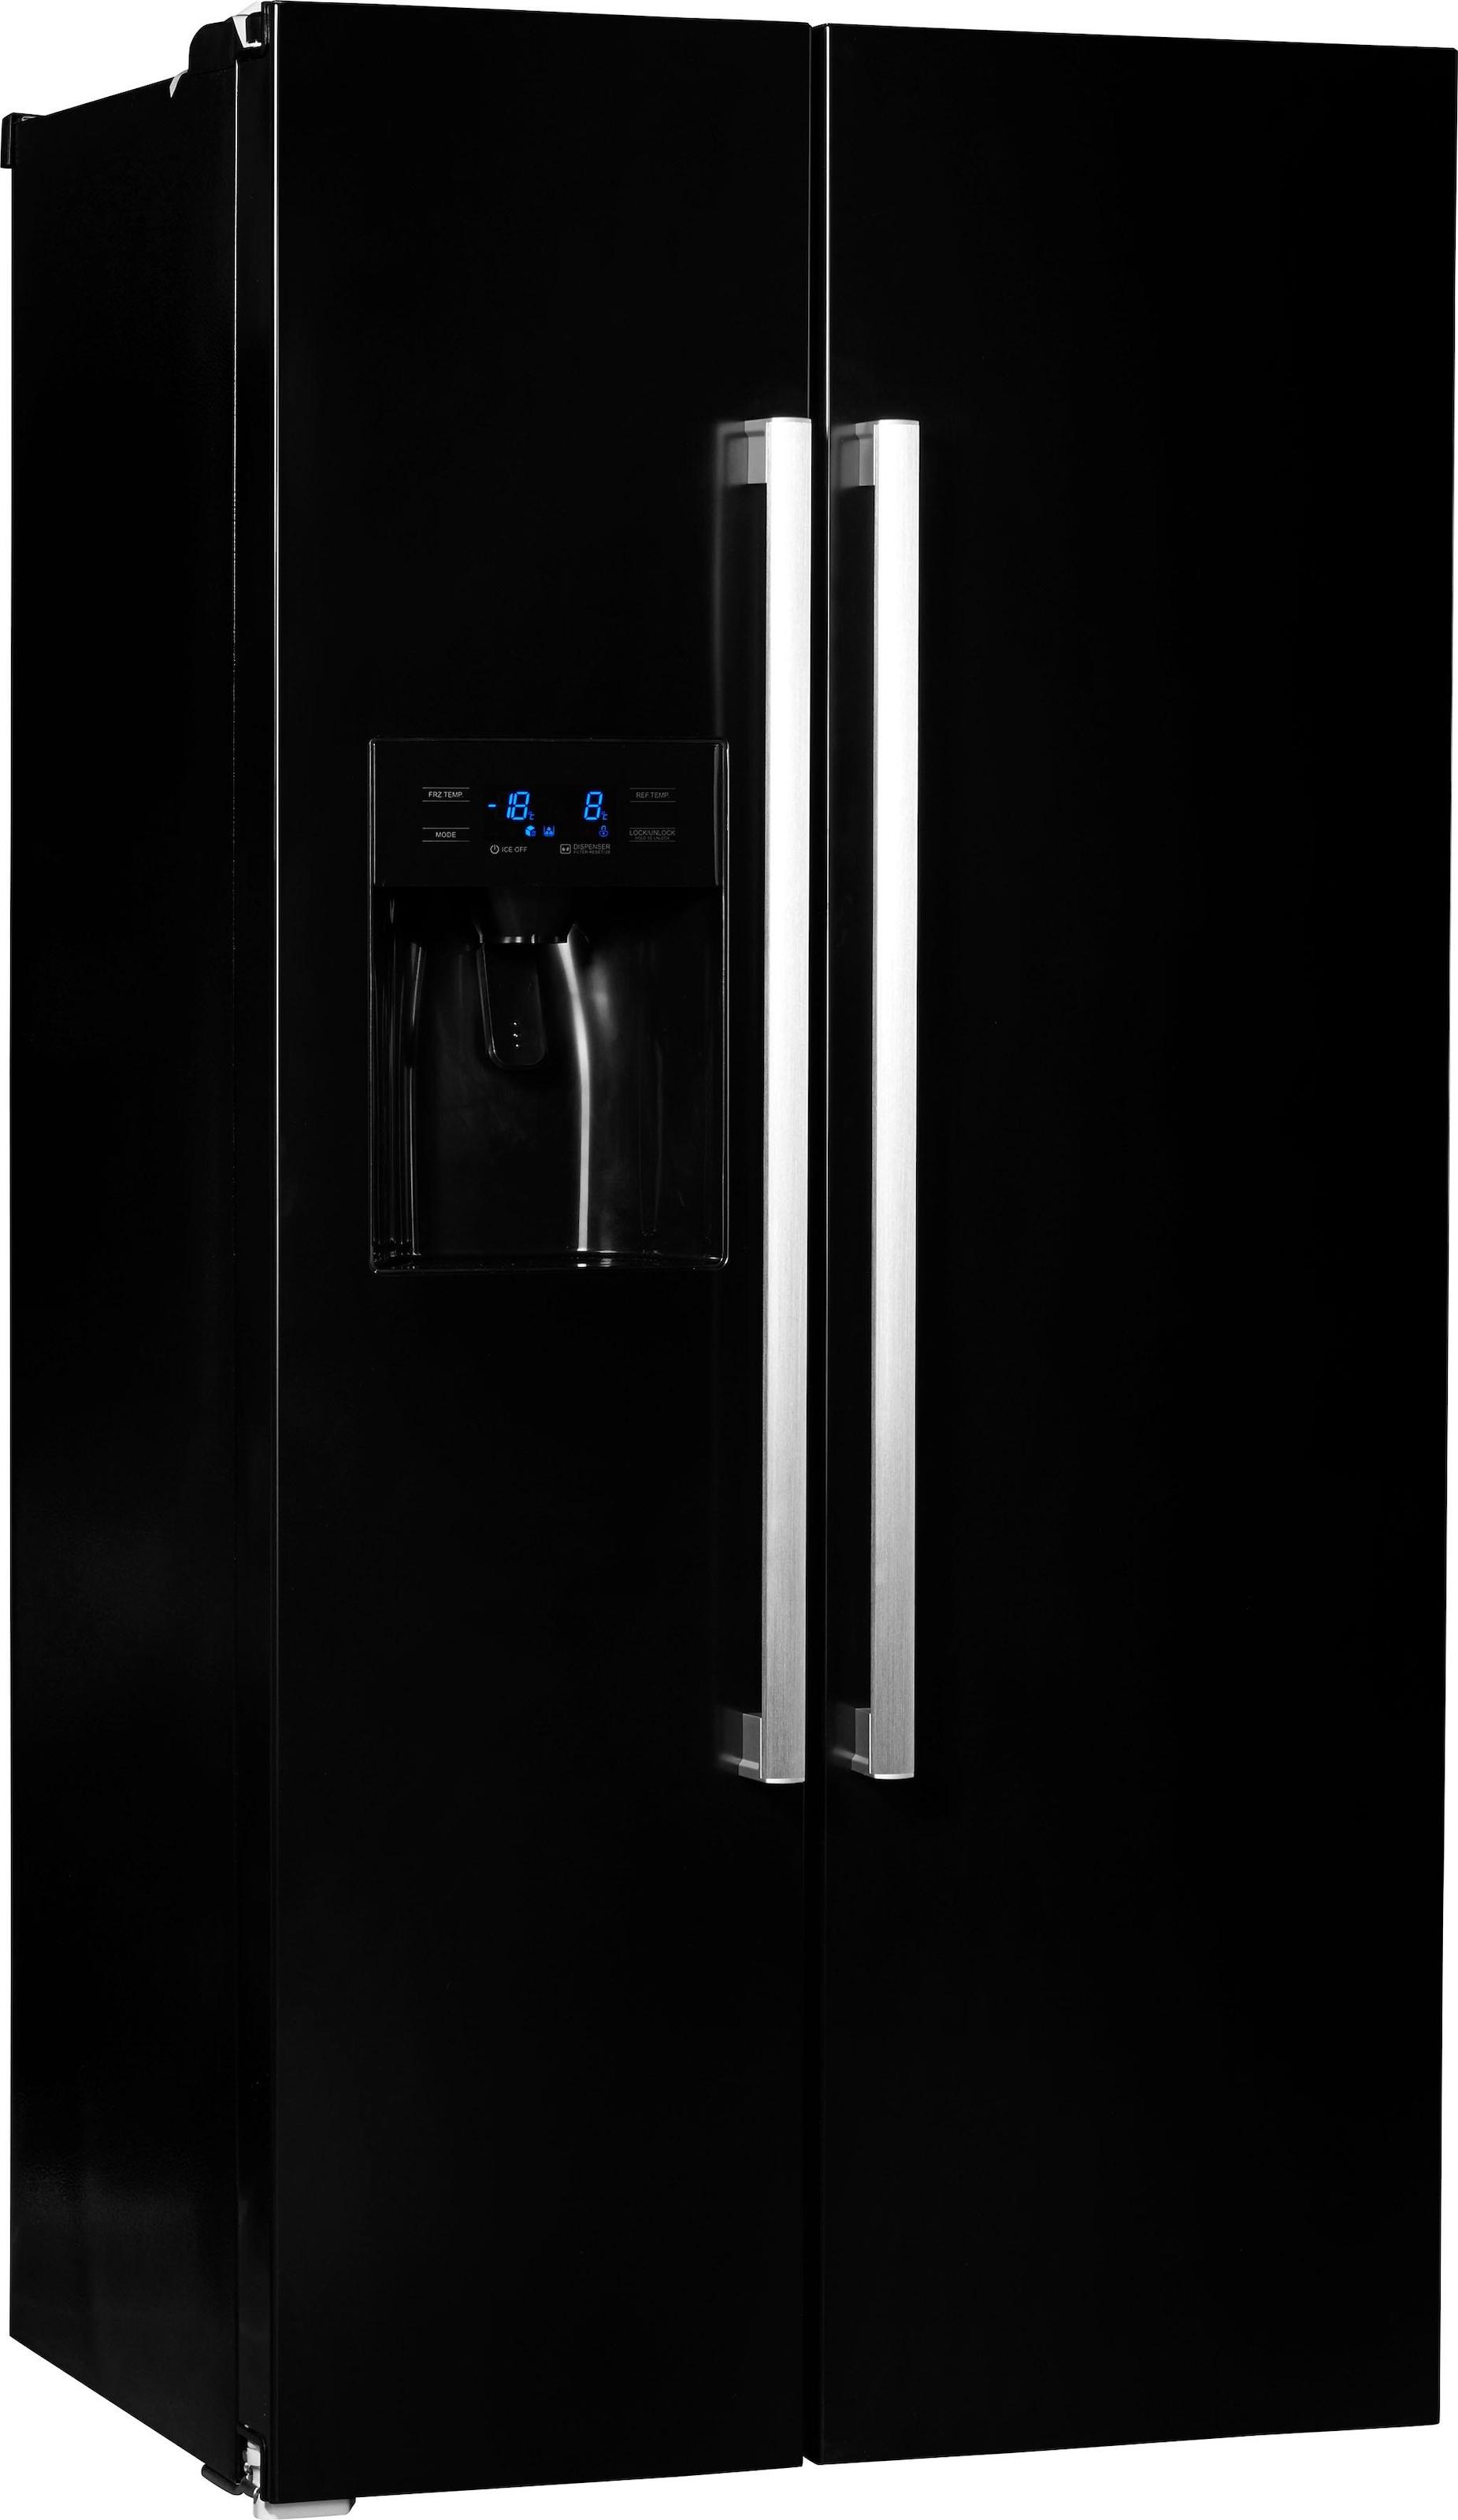 Amerikanischer Kühlschrank Bauknecht : Side by side kühlschrank auf rechnung raten kaufen